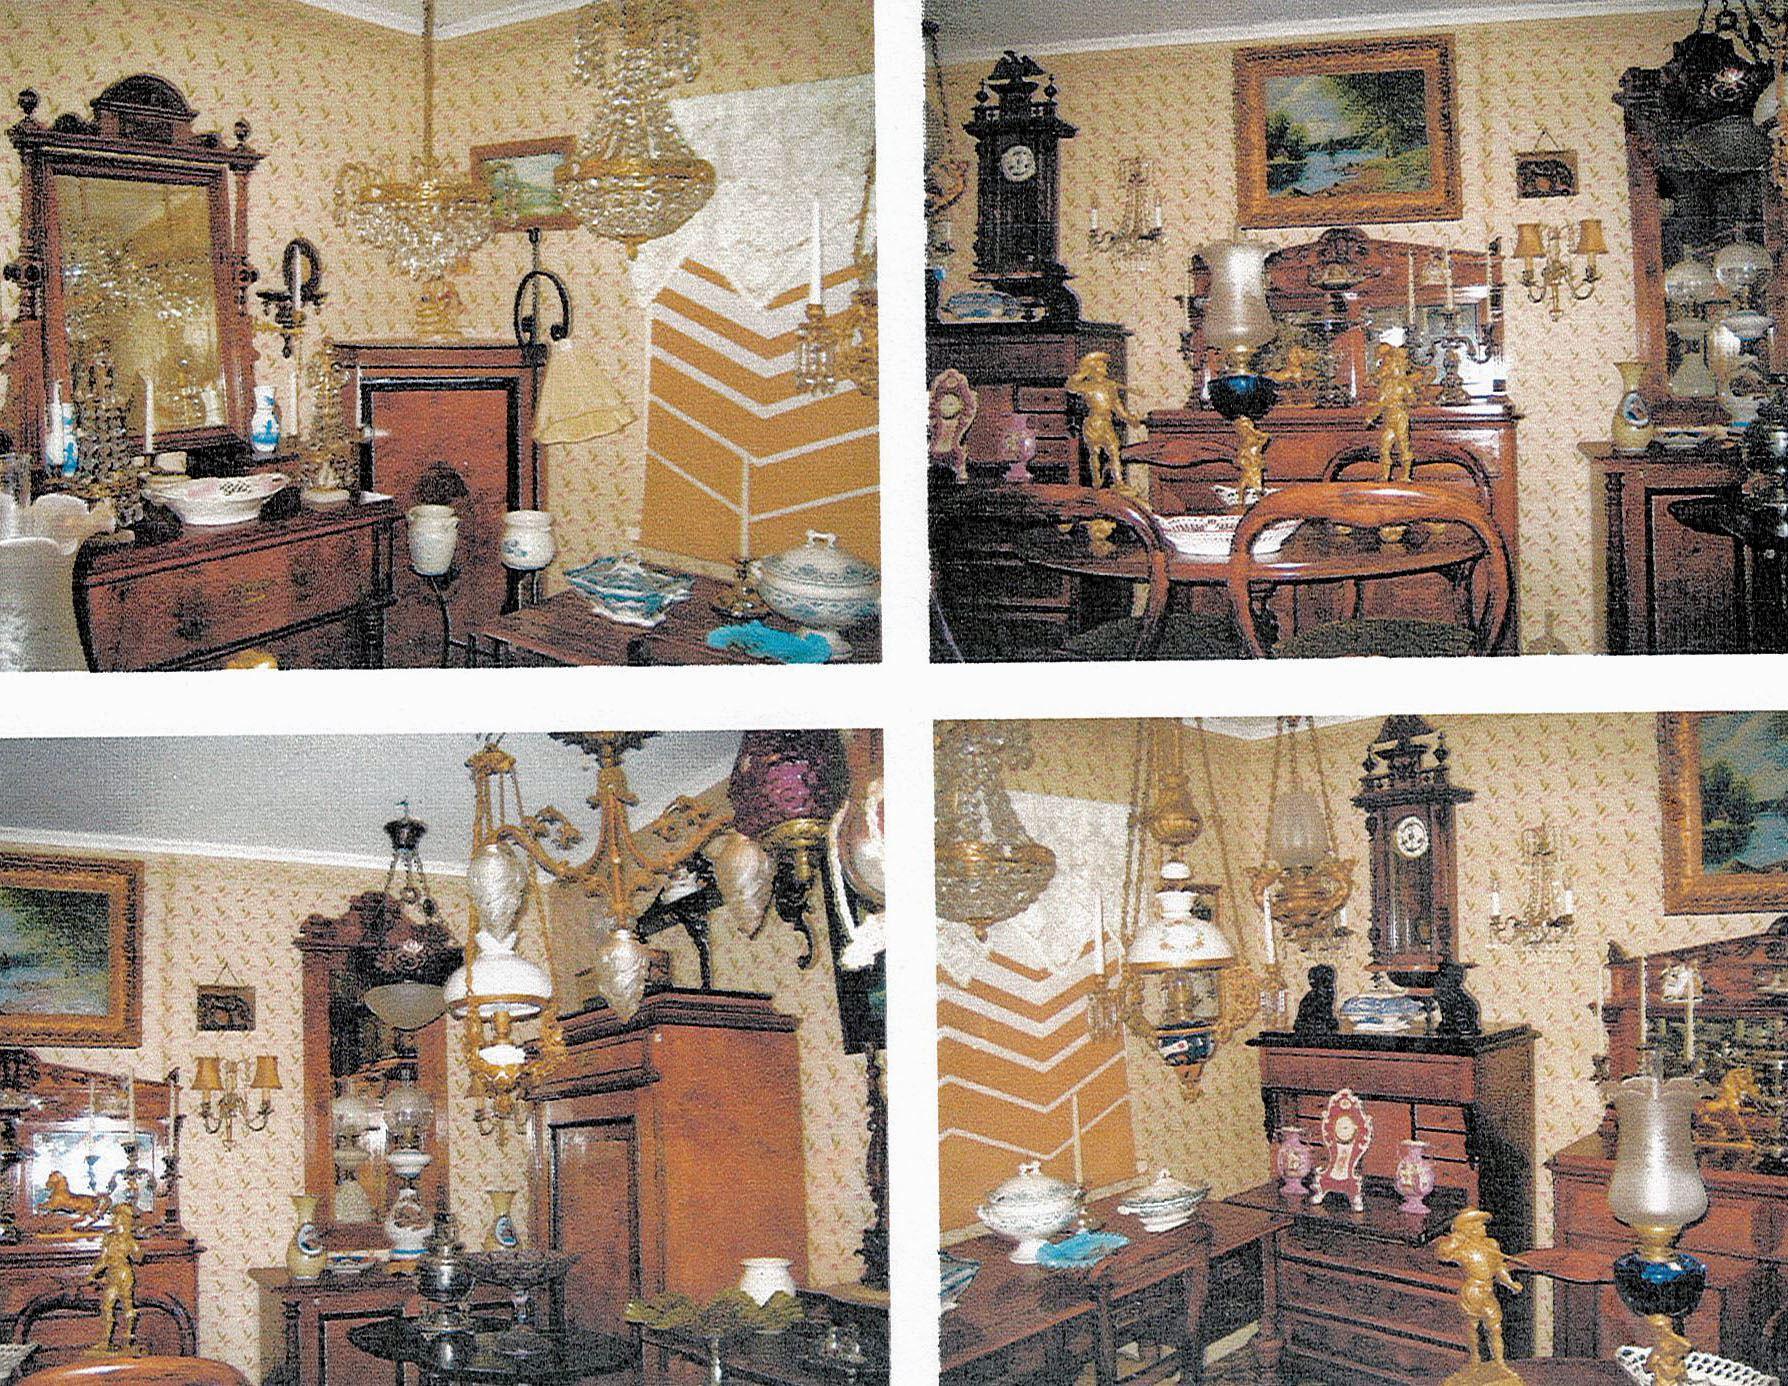 Antikt i Hörvik - Antique shop